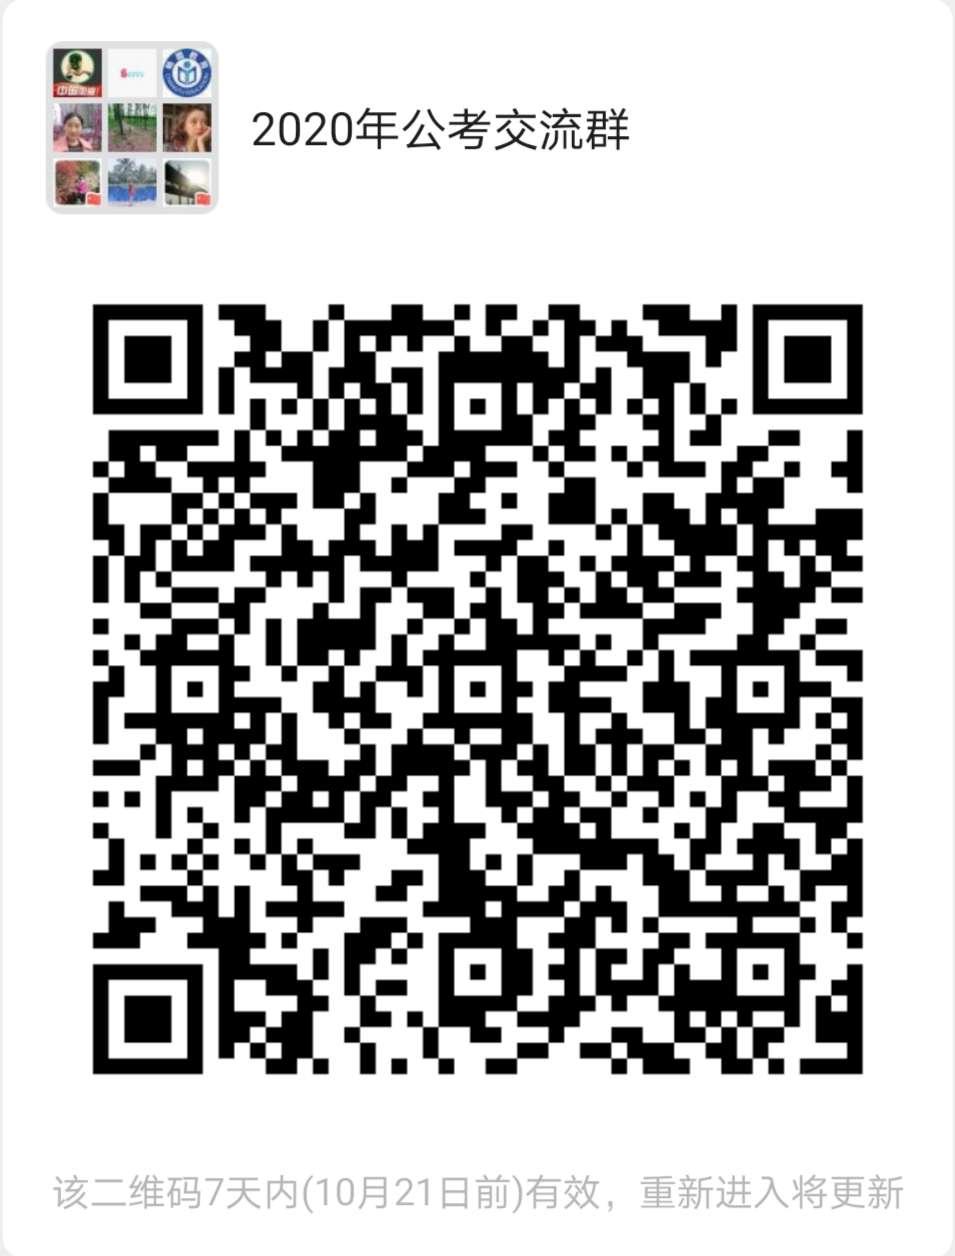 微信图片_20201014093509.jpg